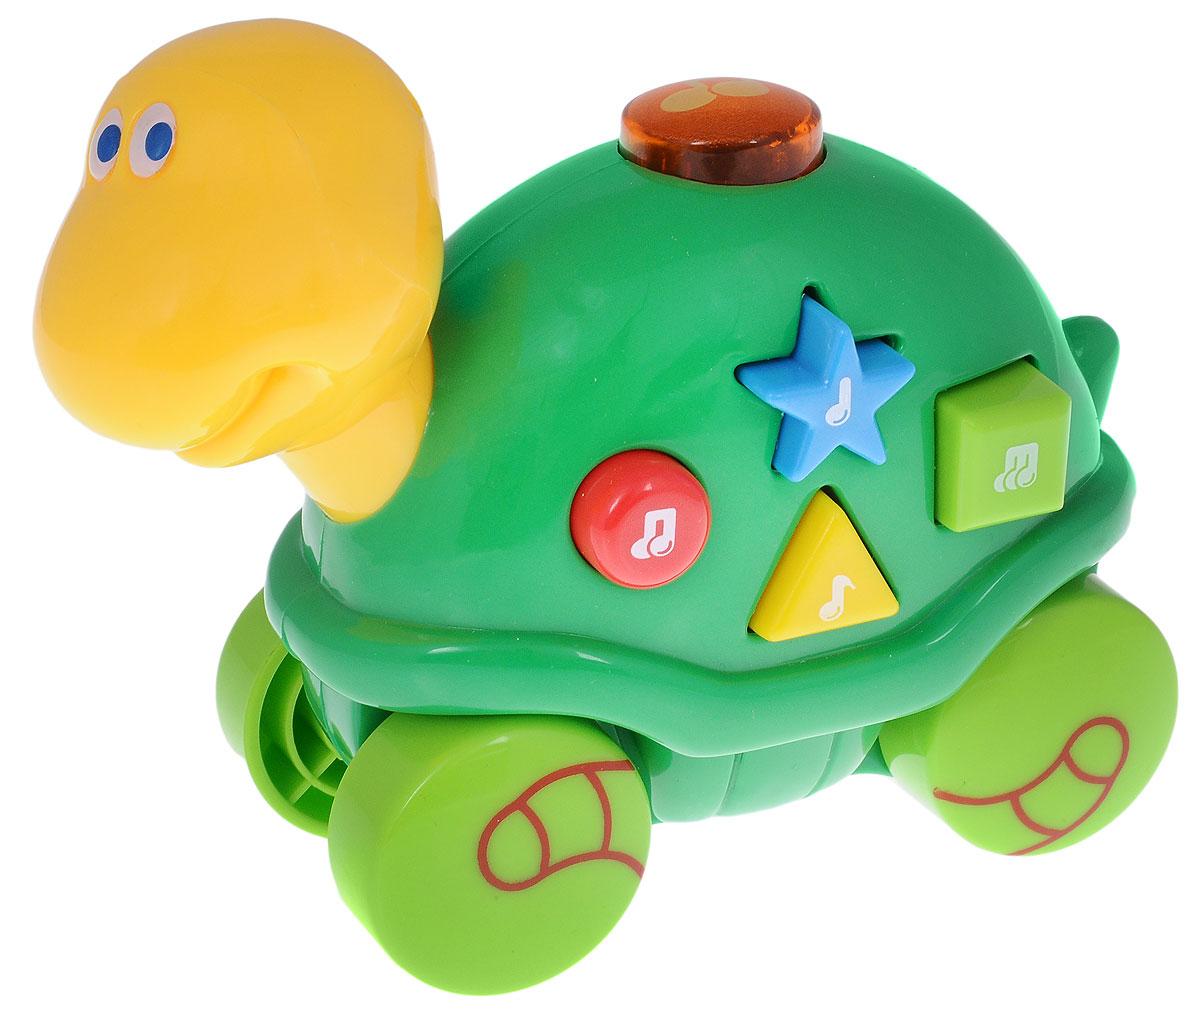 Navystar Музыкальная игрушка-каталка Черепашка65039-E-TМузыкальная игрушка-каталка Navystar Черепашка привлечет внимание вашего малыша и не оставит его равнодушным. Игрушка снабжена четырьмя колесиками со свободным ходом. На панцире черепашки расположены разноцветные кнопочки, при нажатии которых воспроизводятся разные мелодии и мигает огонек в кнопке на вершине панциря. Игрушка воспроизводит 40 различных мелодий. Музыкальная игрушка-каталка Navystar Черепашка поможет малышу развить цветовое и звуковое восприятие, координацию движений и мышление. Для работы игрушки необходимы 3 батарейки типа AG13 (LR44) напряжением 1,5V (товар комплектуется демонстрационными).